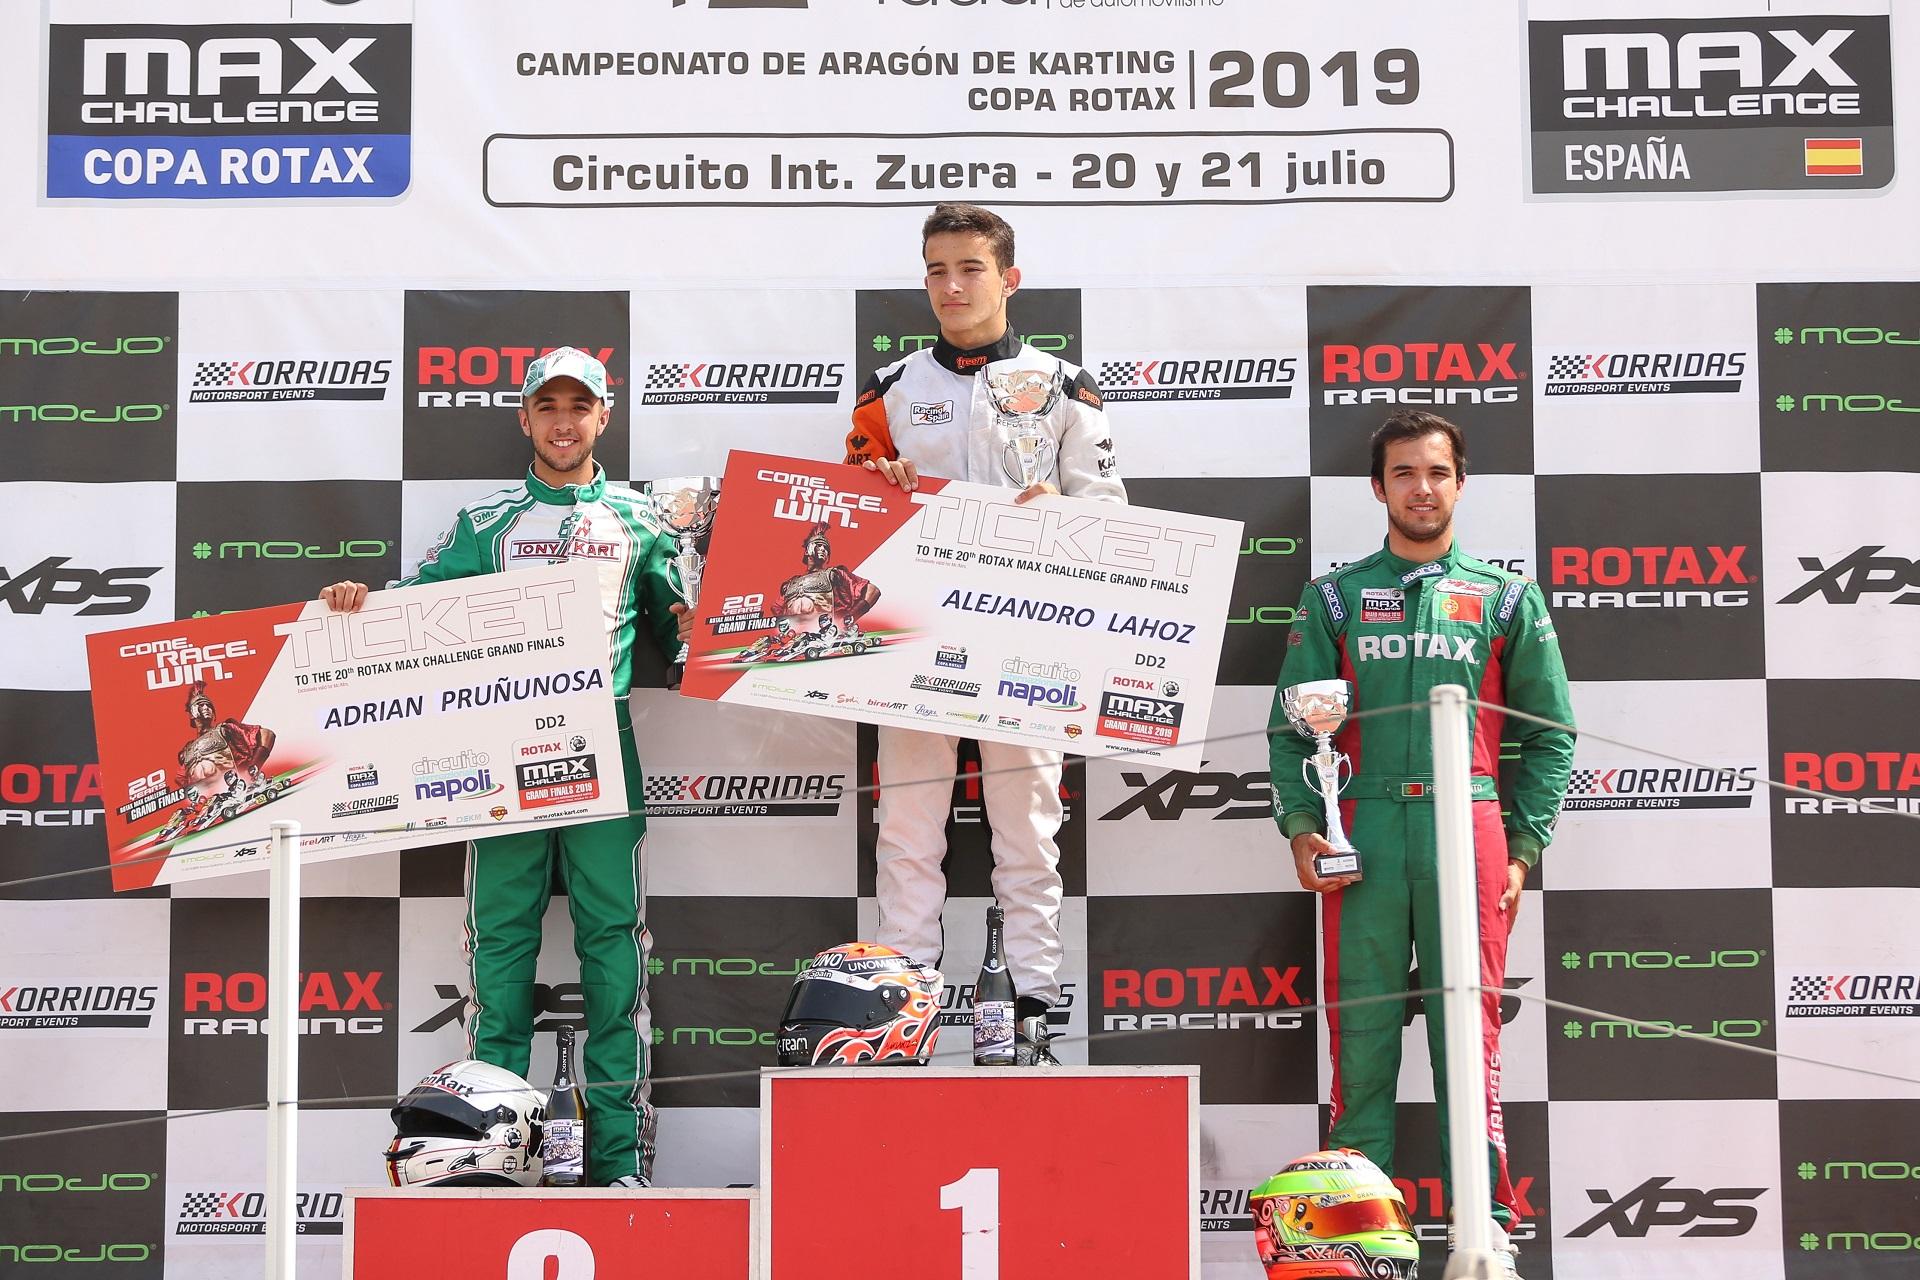 Pedro Pinto garante terceiro lugar na Copa Rotax DD2